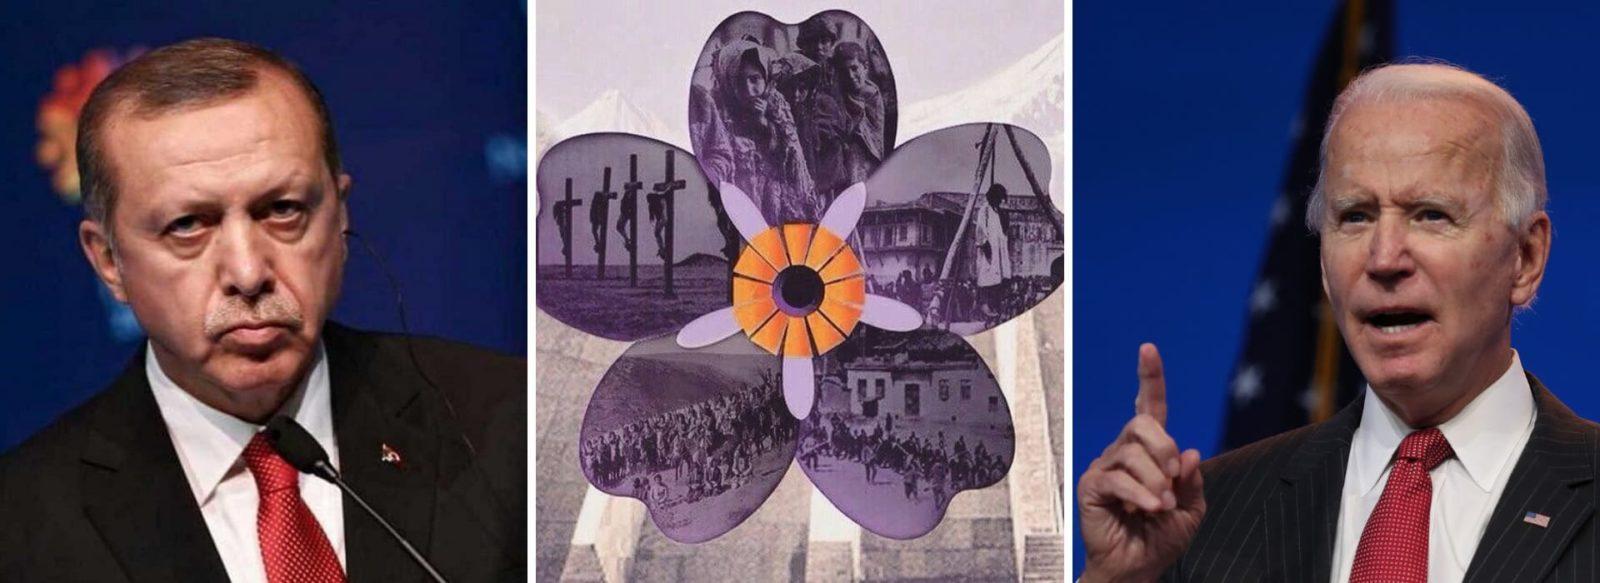 Эрдоган, Байден, геноцид армян